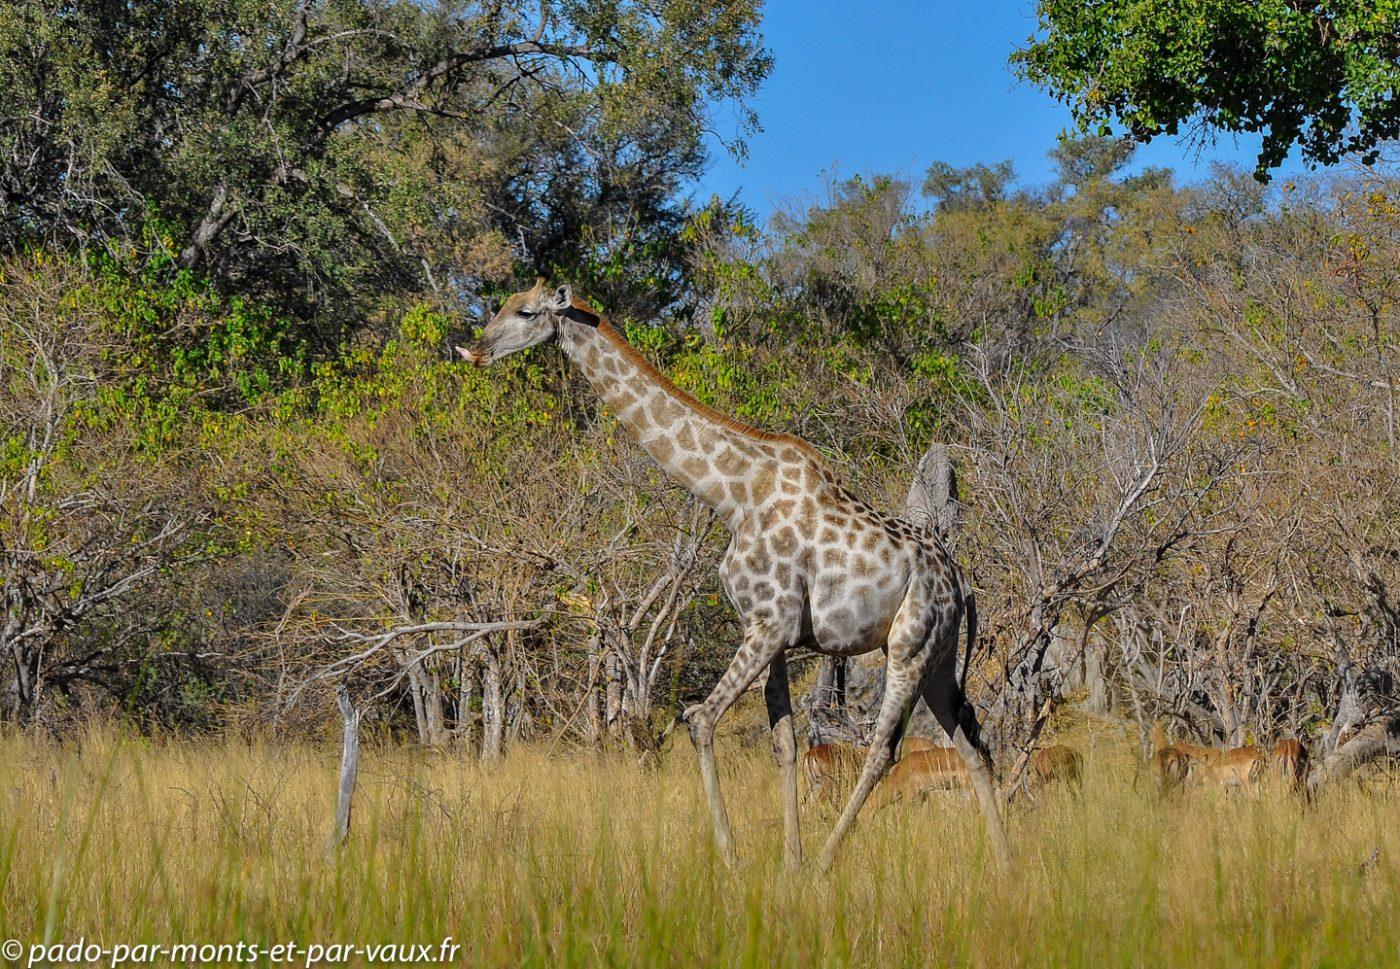 Gunn's camp - Girafe